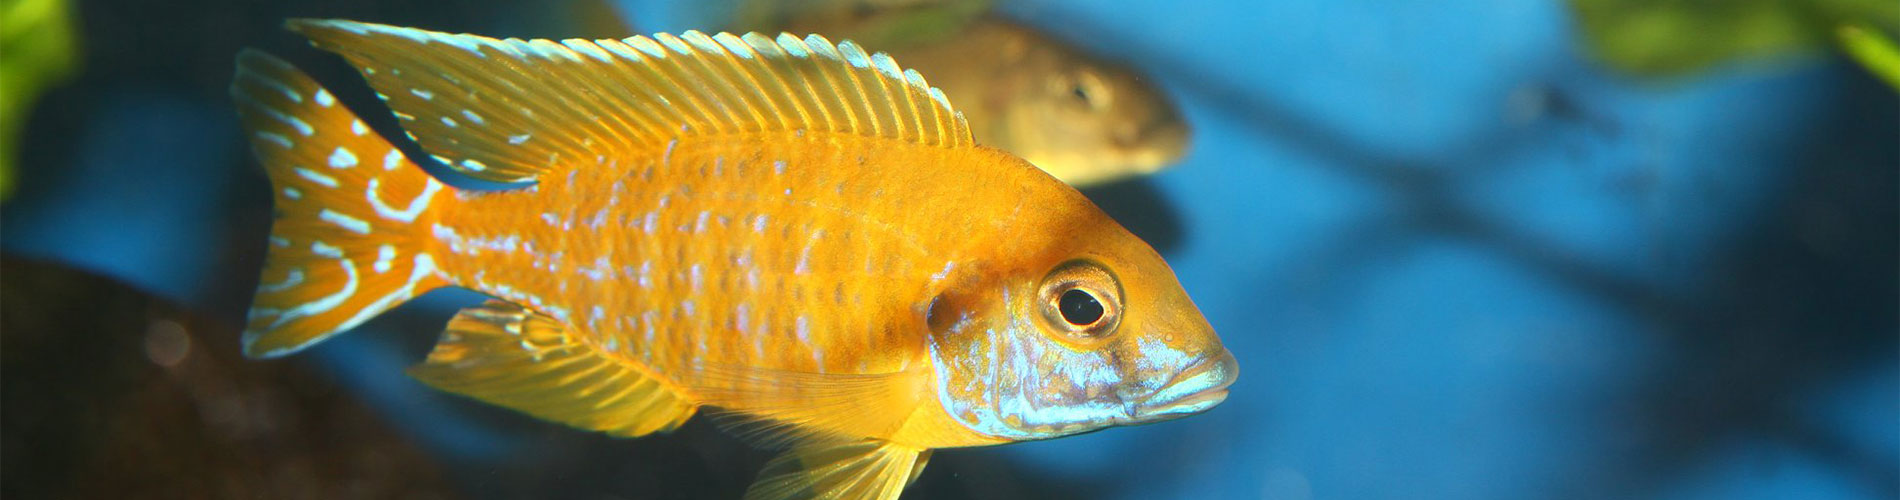 AQUAPASSION 45 : Le spécialiste en aquariophilie